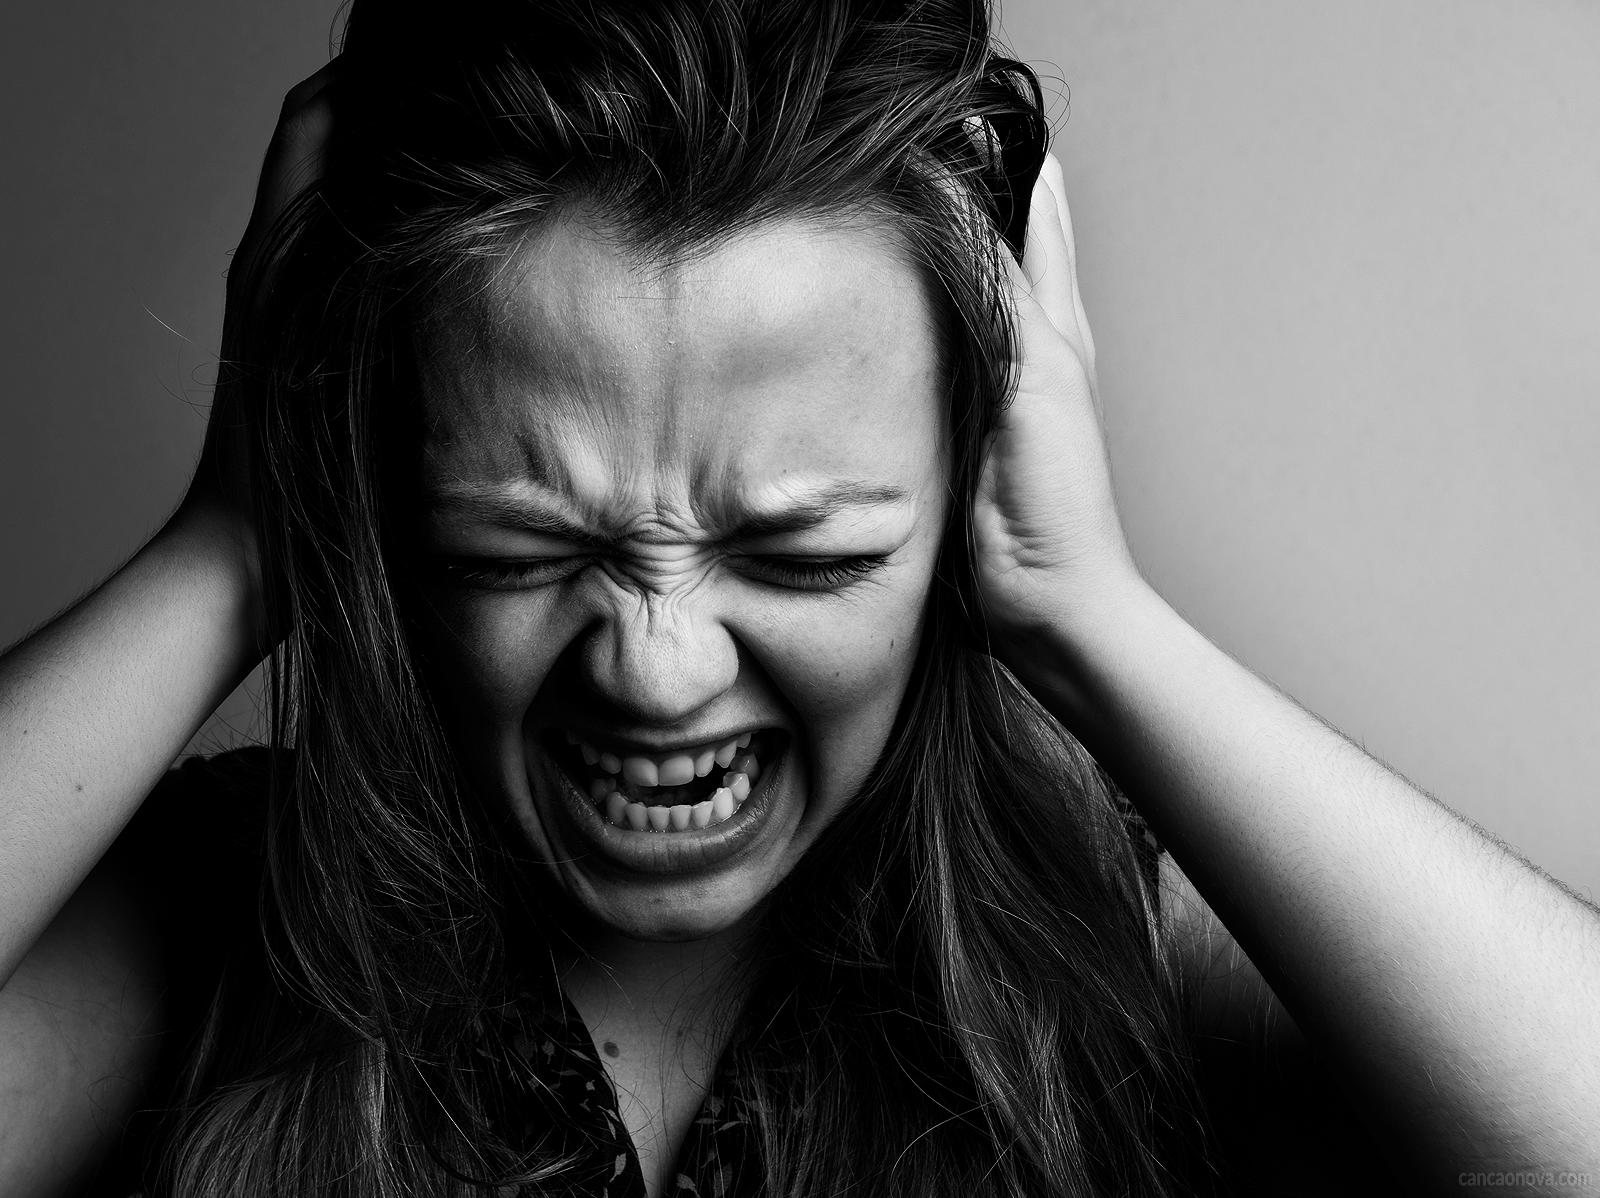 Como identificar se tenho descontrole emocional?